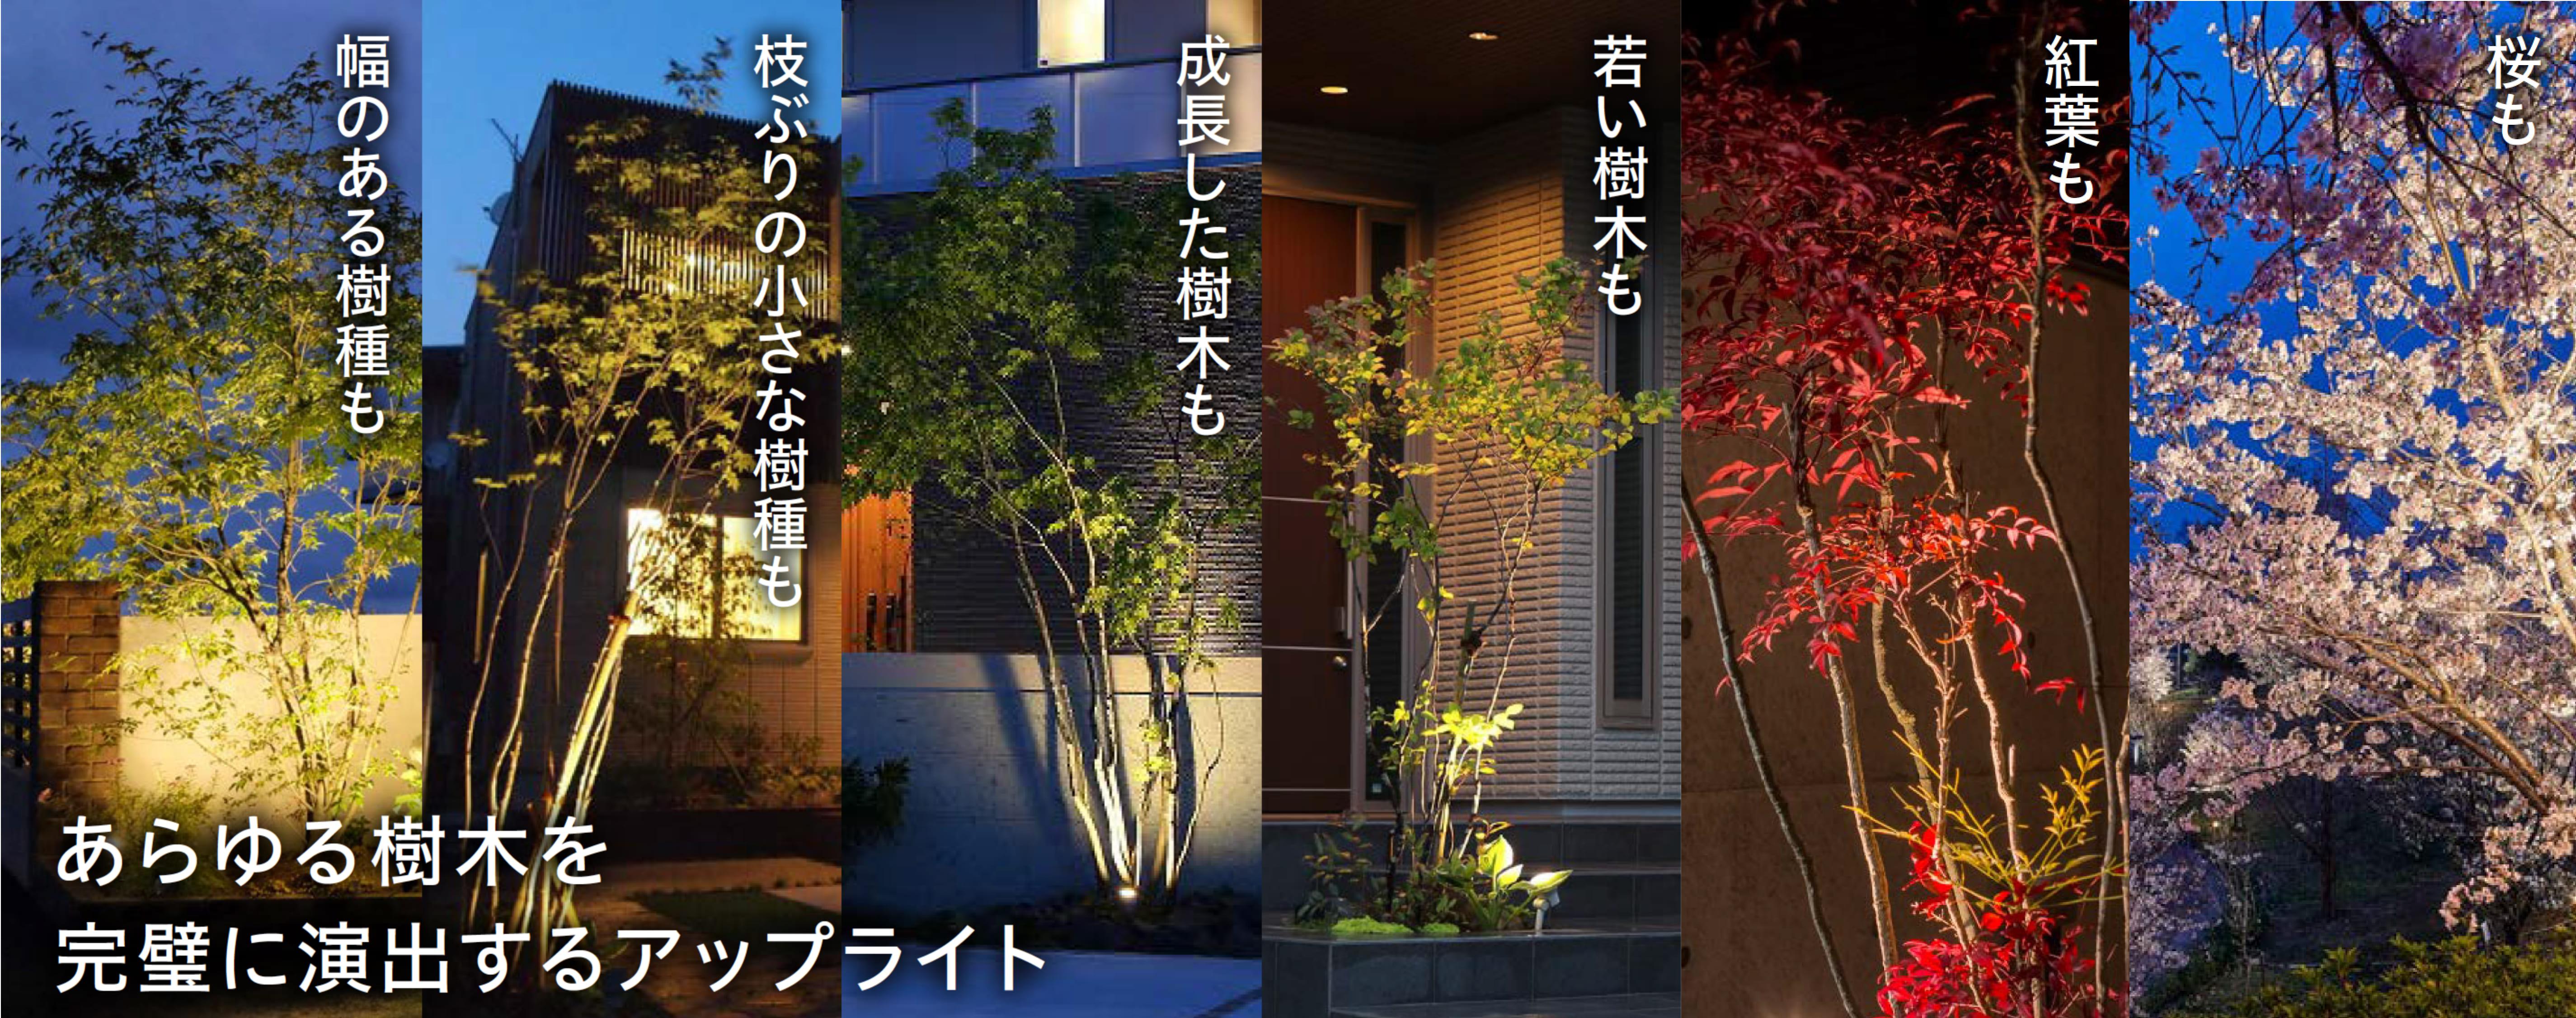 あらゆる樹木を完璧に演出するライトアップ